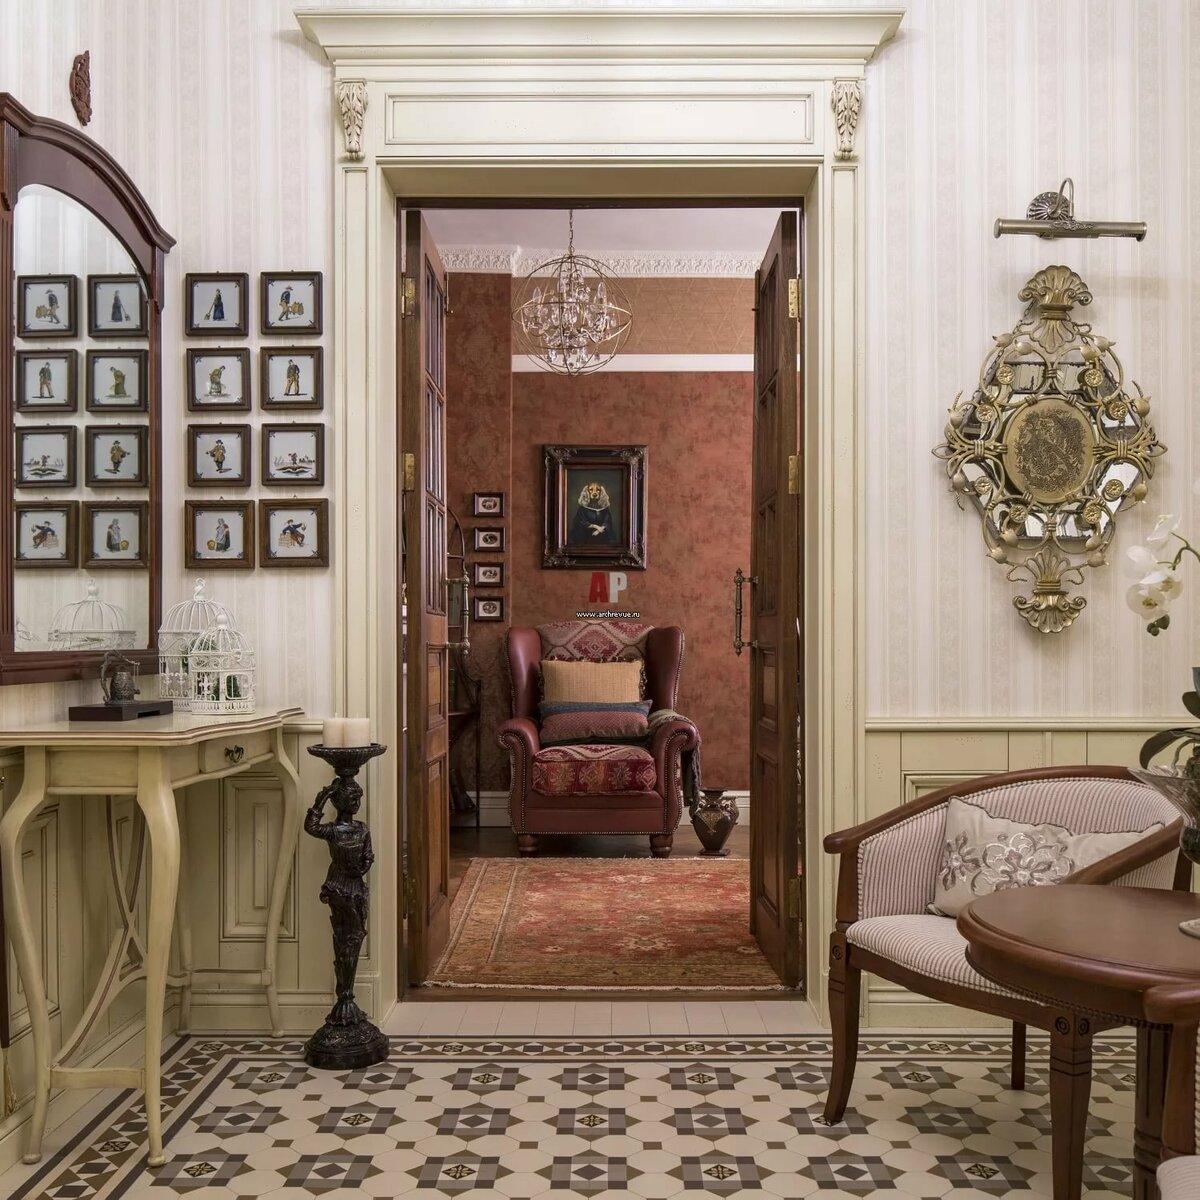 Английский стиль в интерьере: 75 фото идей оформления квартиры